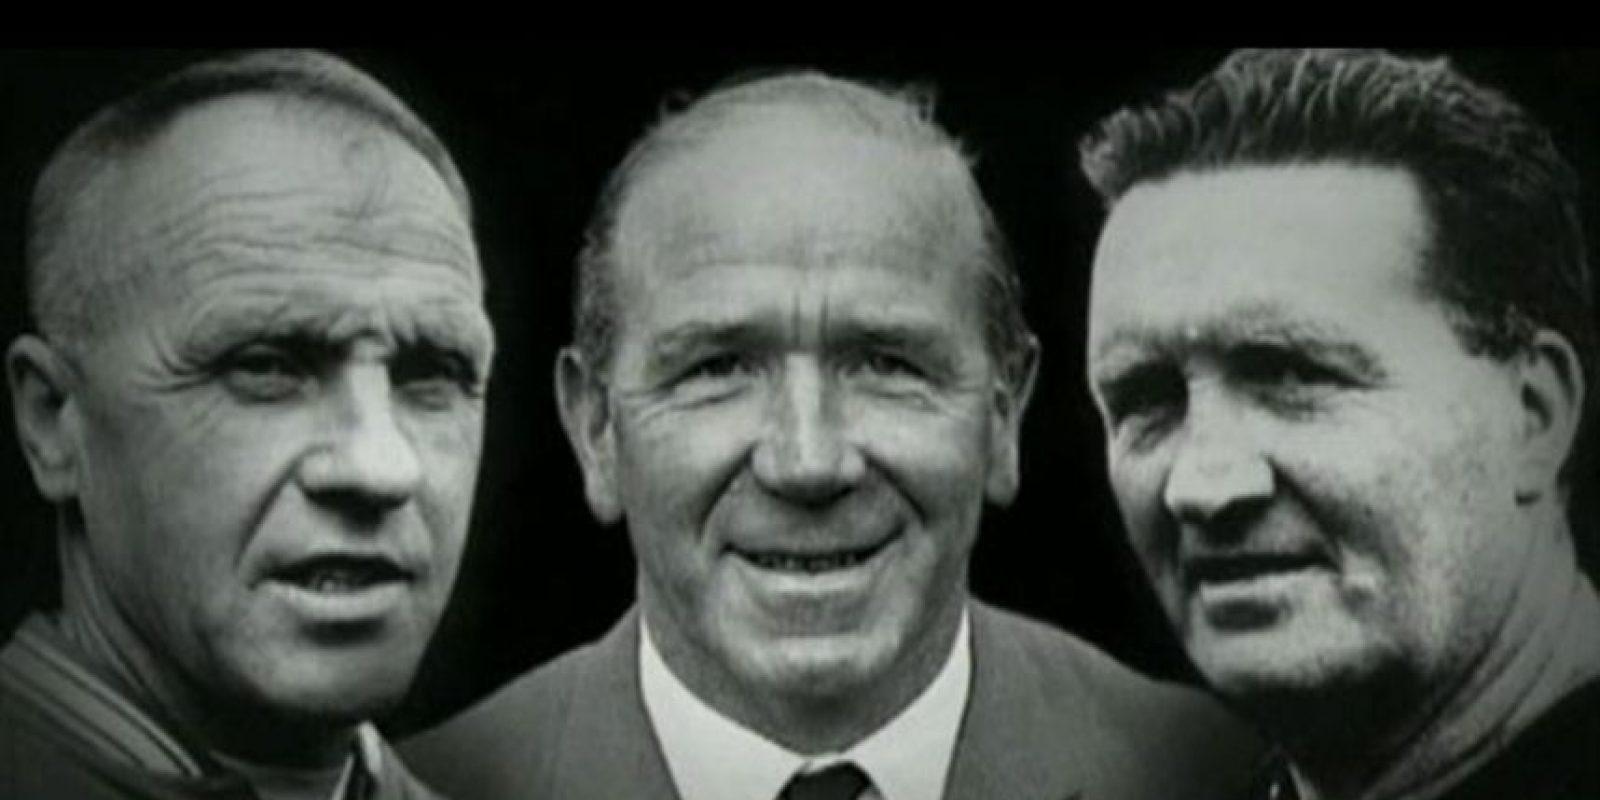 Squawka Foto:3. Busby, Stein & Shankly: The Football Men (director:Francis Hanly 1997): Un documental que retrata la historia de Sir Matt Busby, Jock Stein y Bill Shankly, para construir imperios futbolísticos en Manchester United, Celtic y Liverpool. Además, se revela influencia que tuvieron para el fútbol en el siglo XX